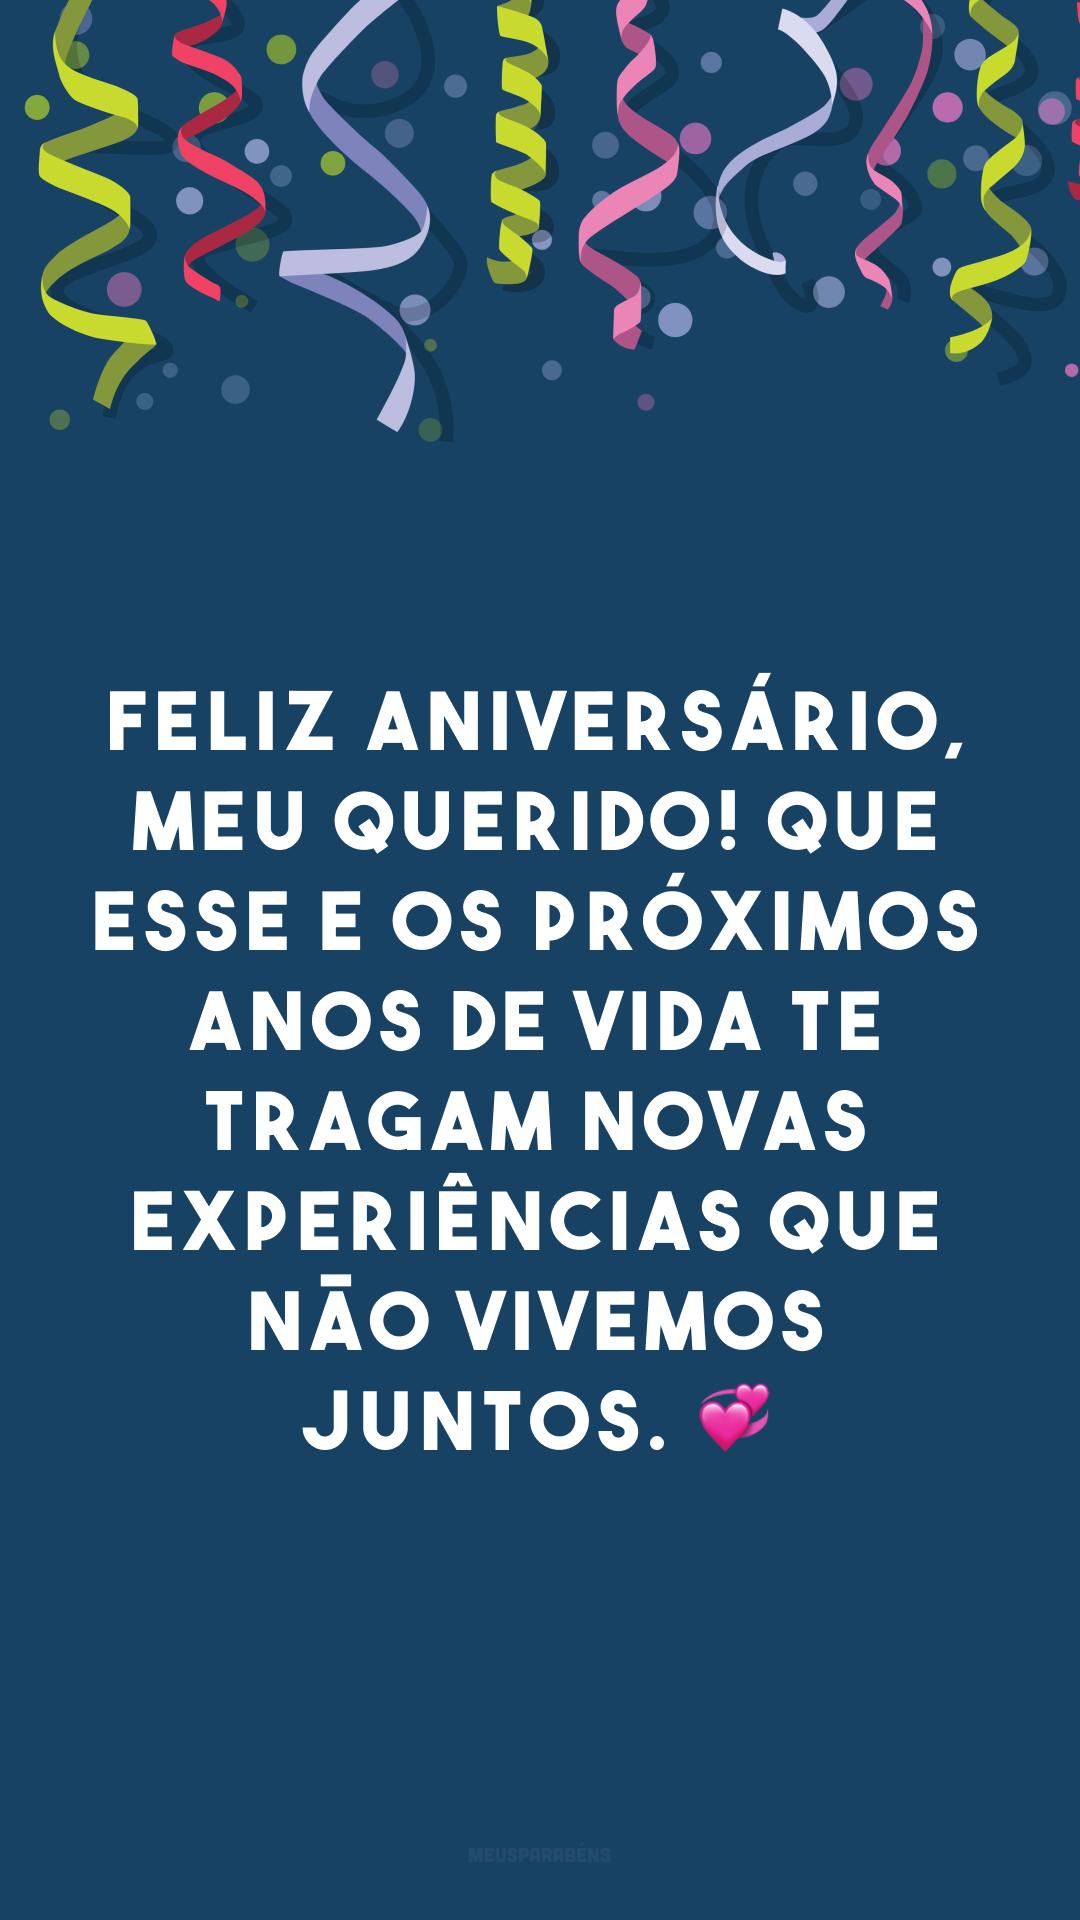 Feliz aniversário, meu querido! Que esse e os próximos anos de vida te tragam novas experiências que não vivemos juntos. 💞